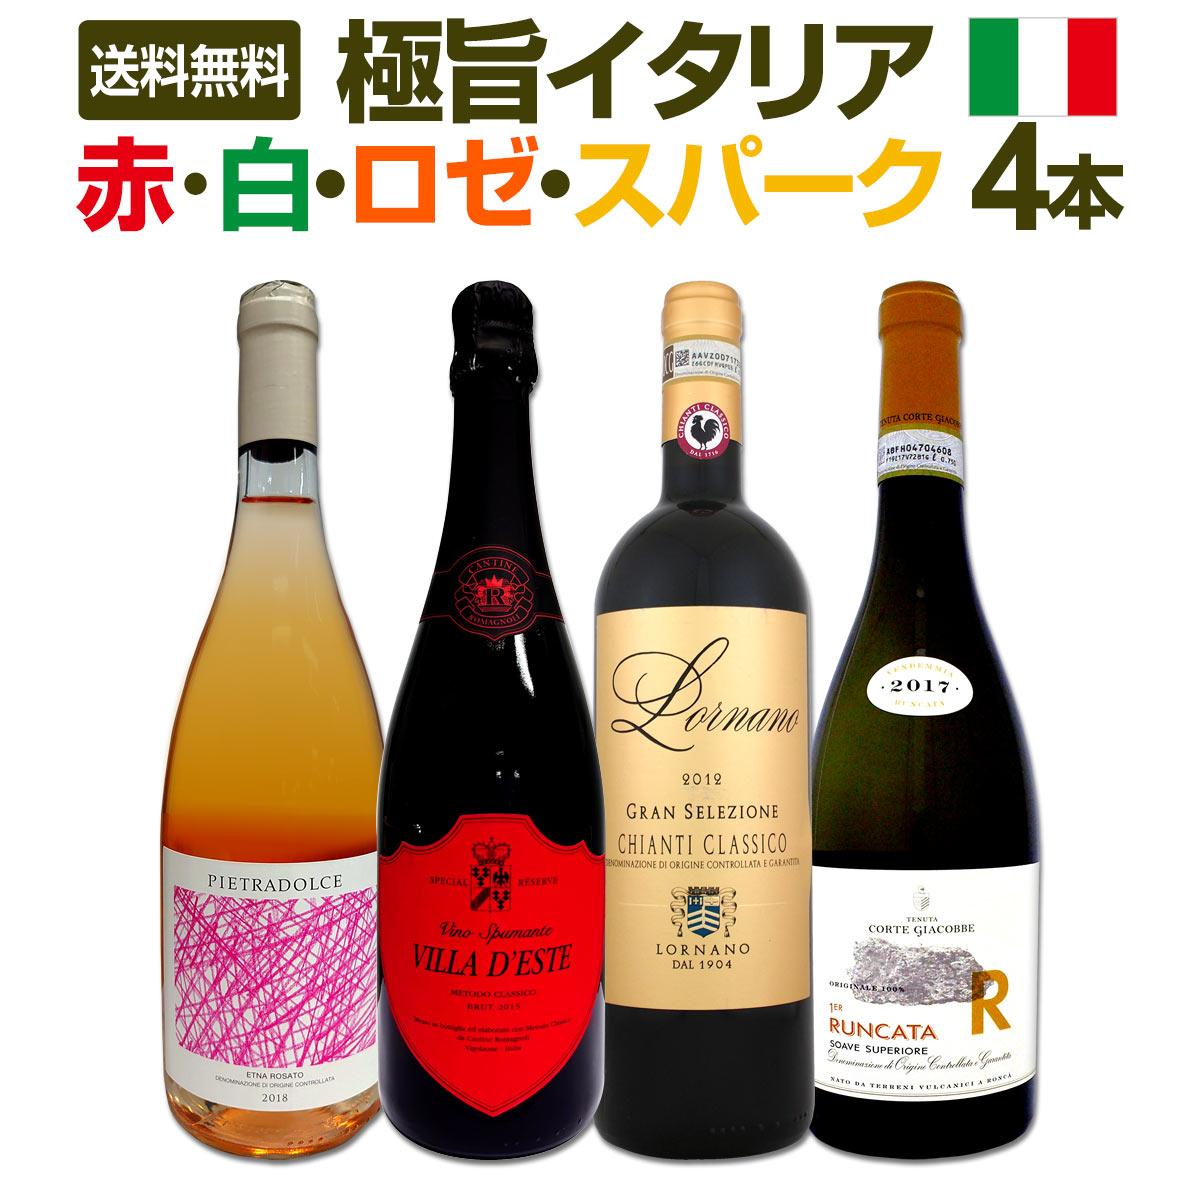 【送料無料】≪赤・白・ロゼ・スパーク≫極旨揃いのイタリアワイン4本セット!!